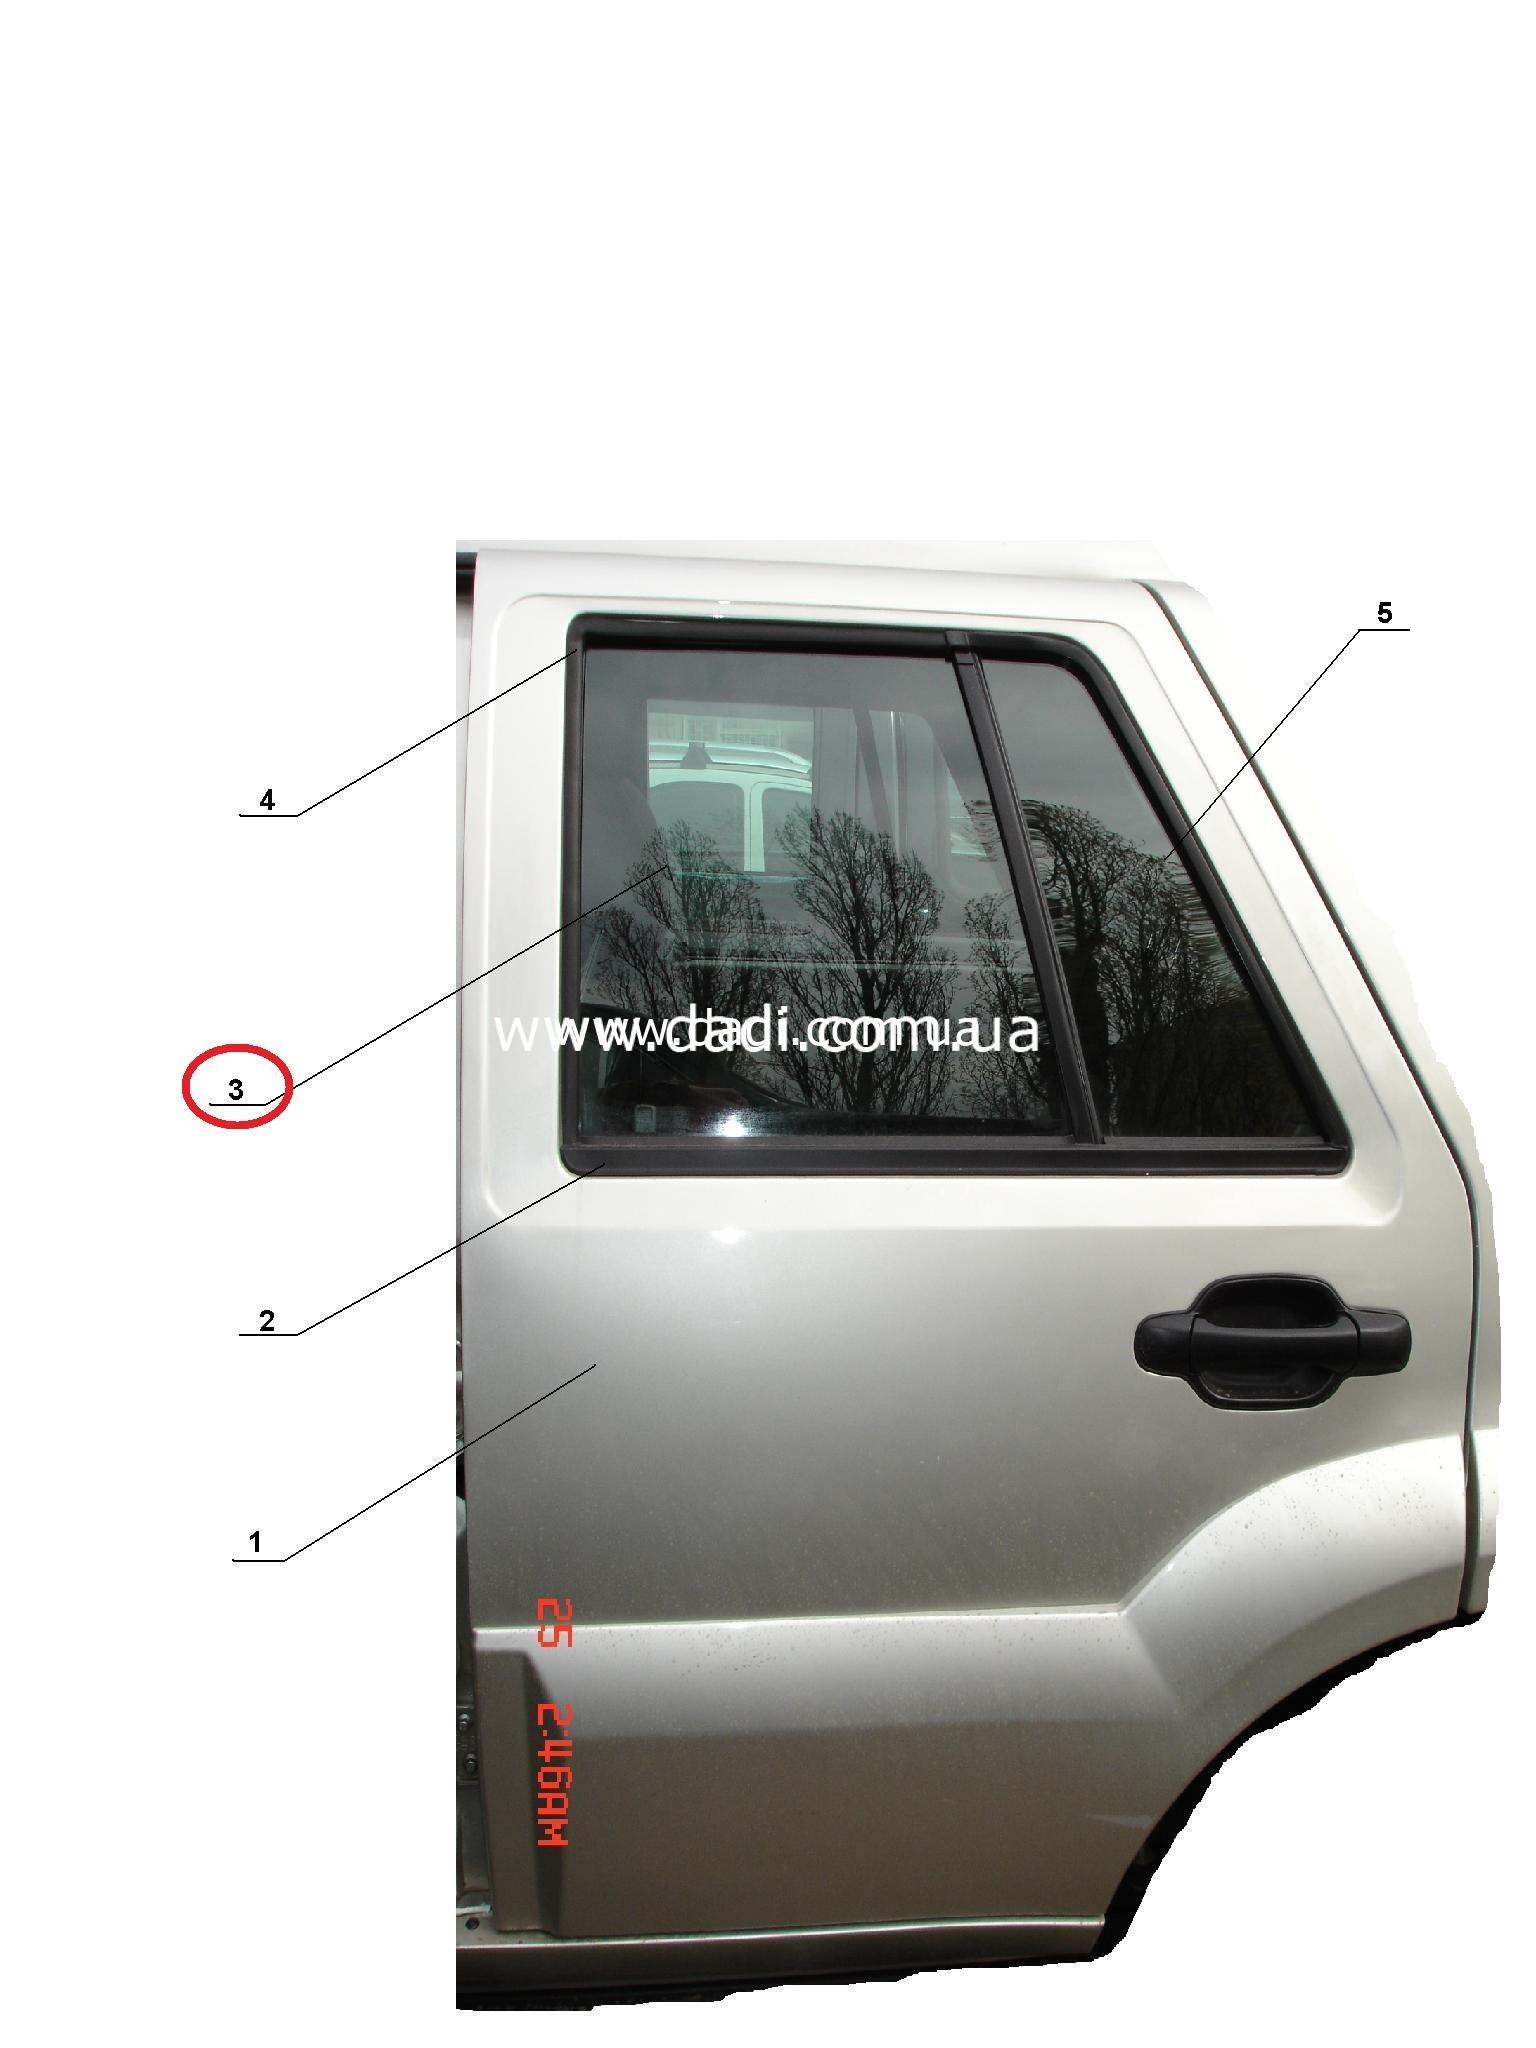 Скло задніх лівих дверей DADI Shuttle/ стекло задней левой двери-0